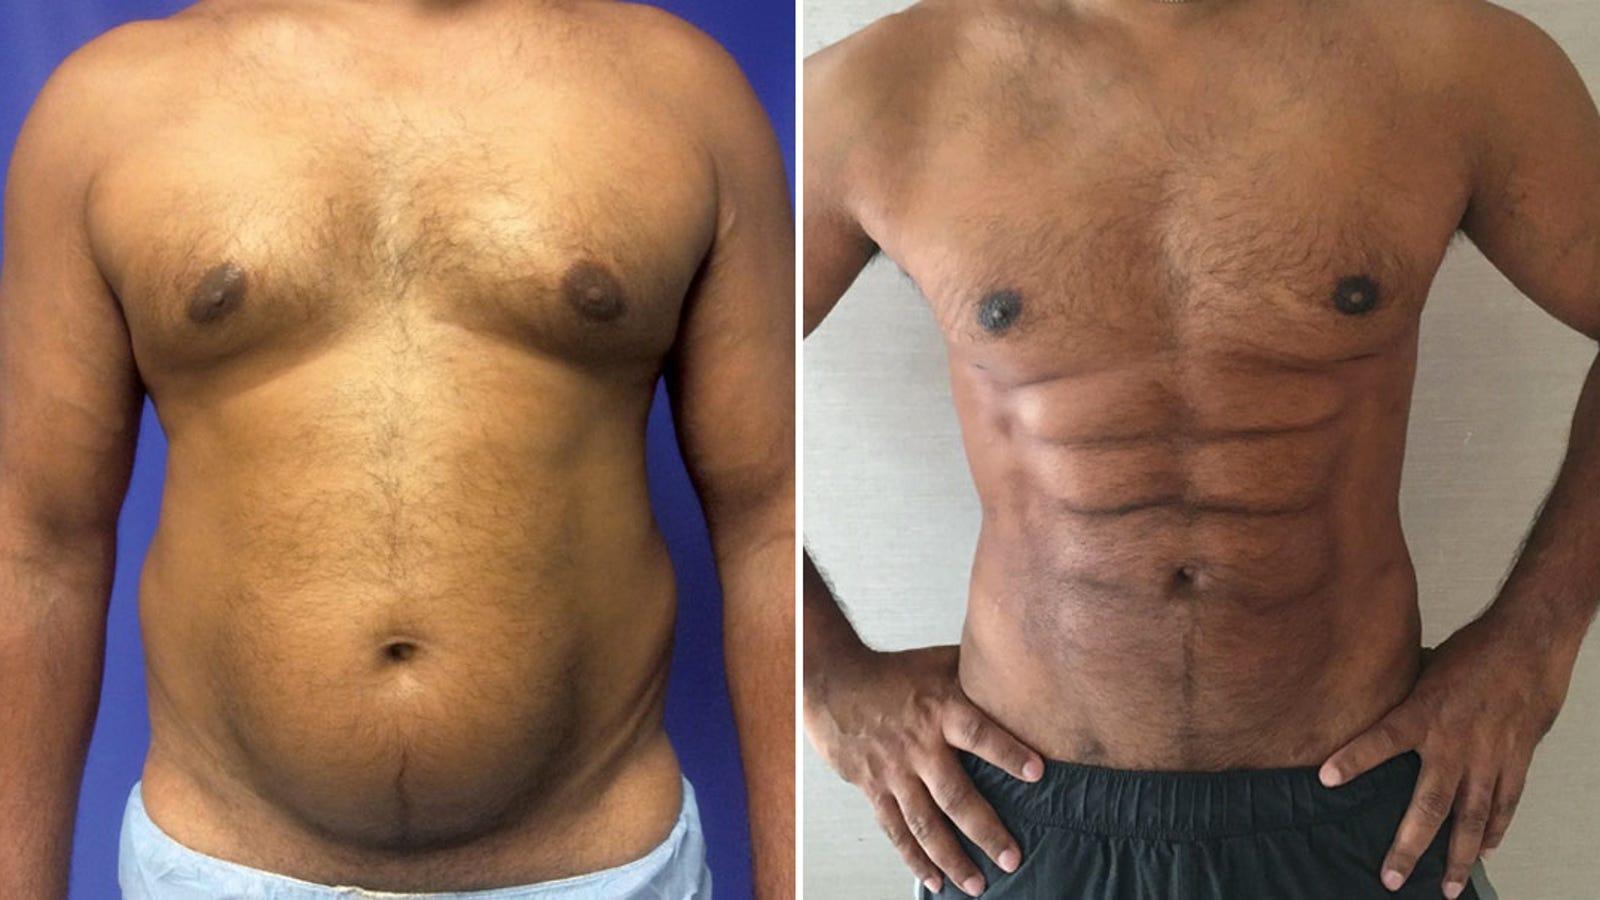 Passer le gymnase, les chirurgiens plasticiens peuvent maintenant sculpter la graisse du ventre dans un étrange six-pack ciselé   – abdo